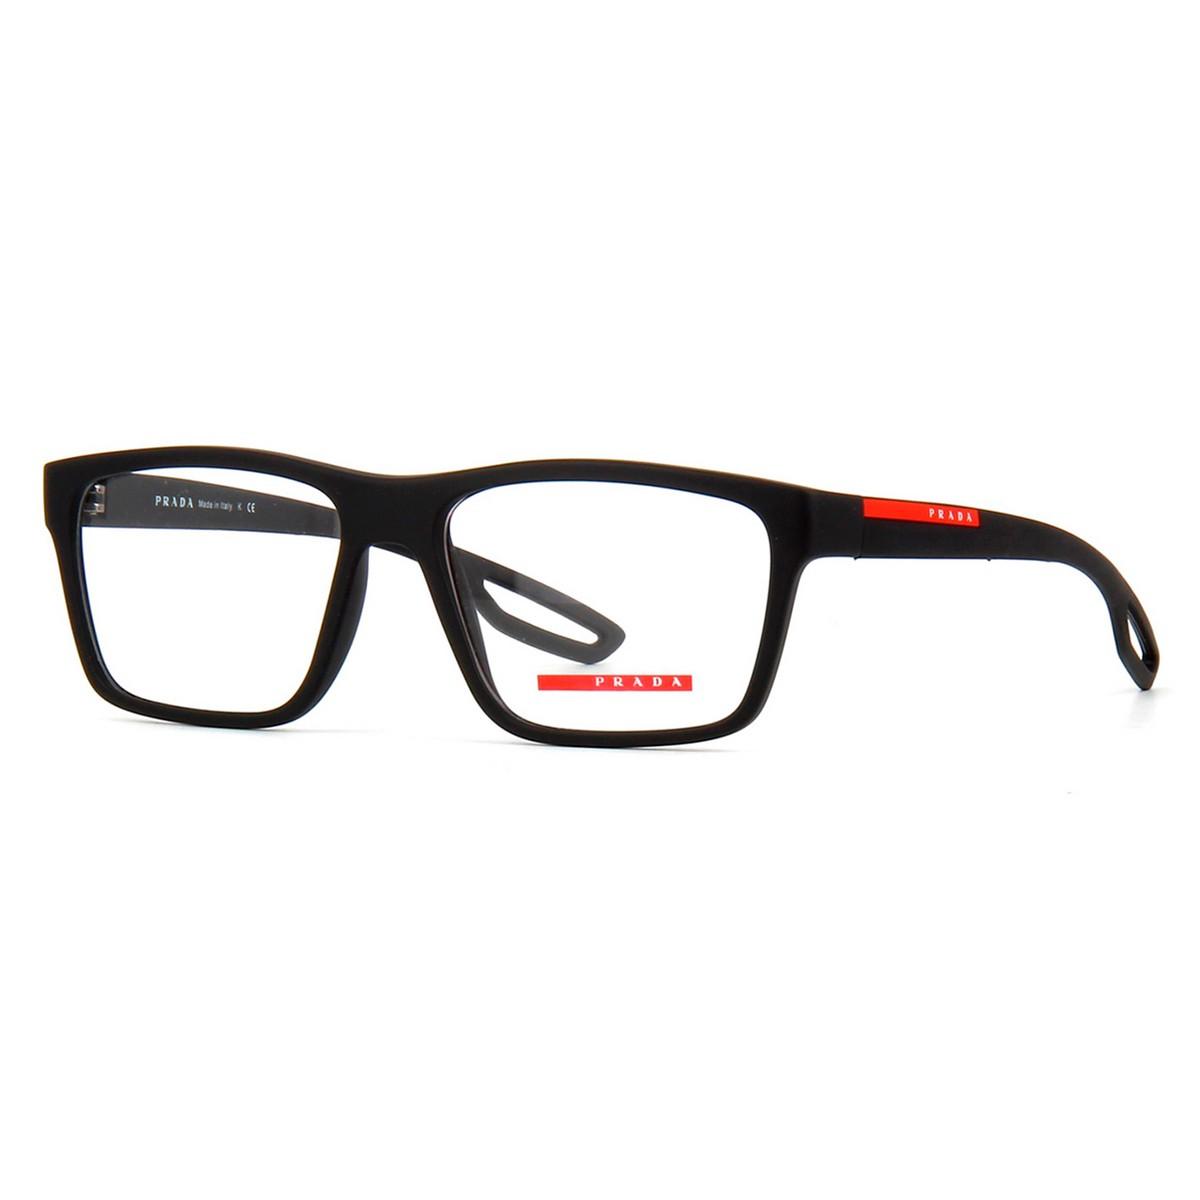 4013bc145 Compre Óculos de Grau Prada Sport em 10X | Tri-Jóia Shop